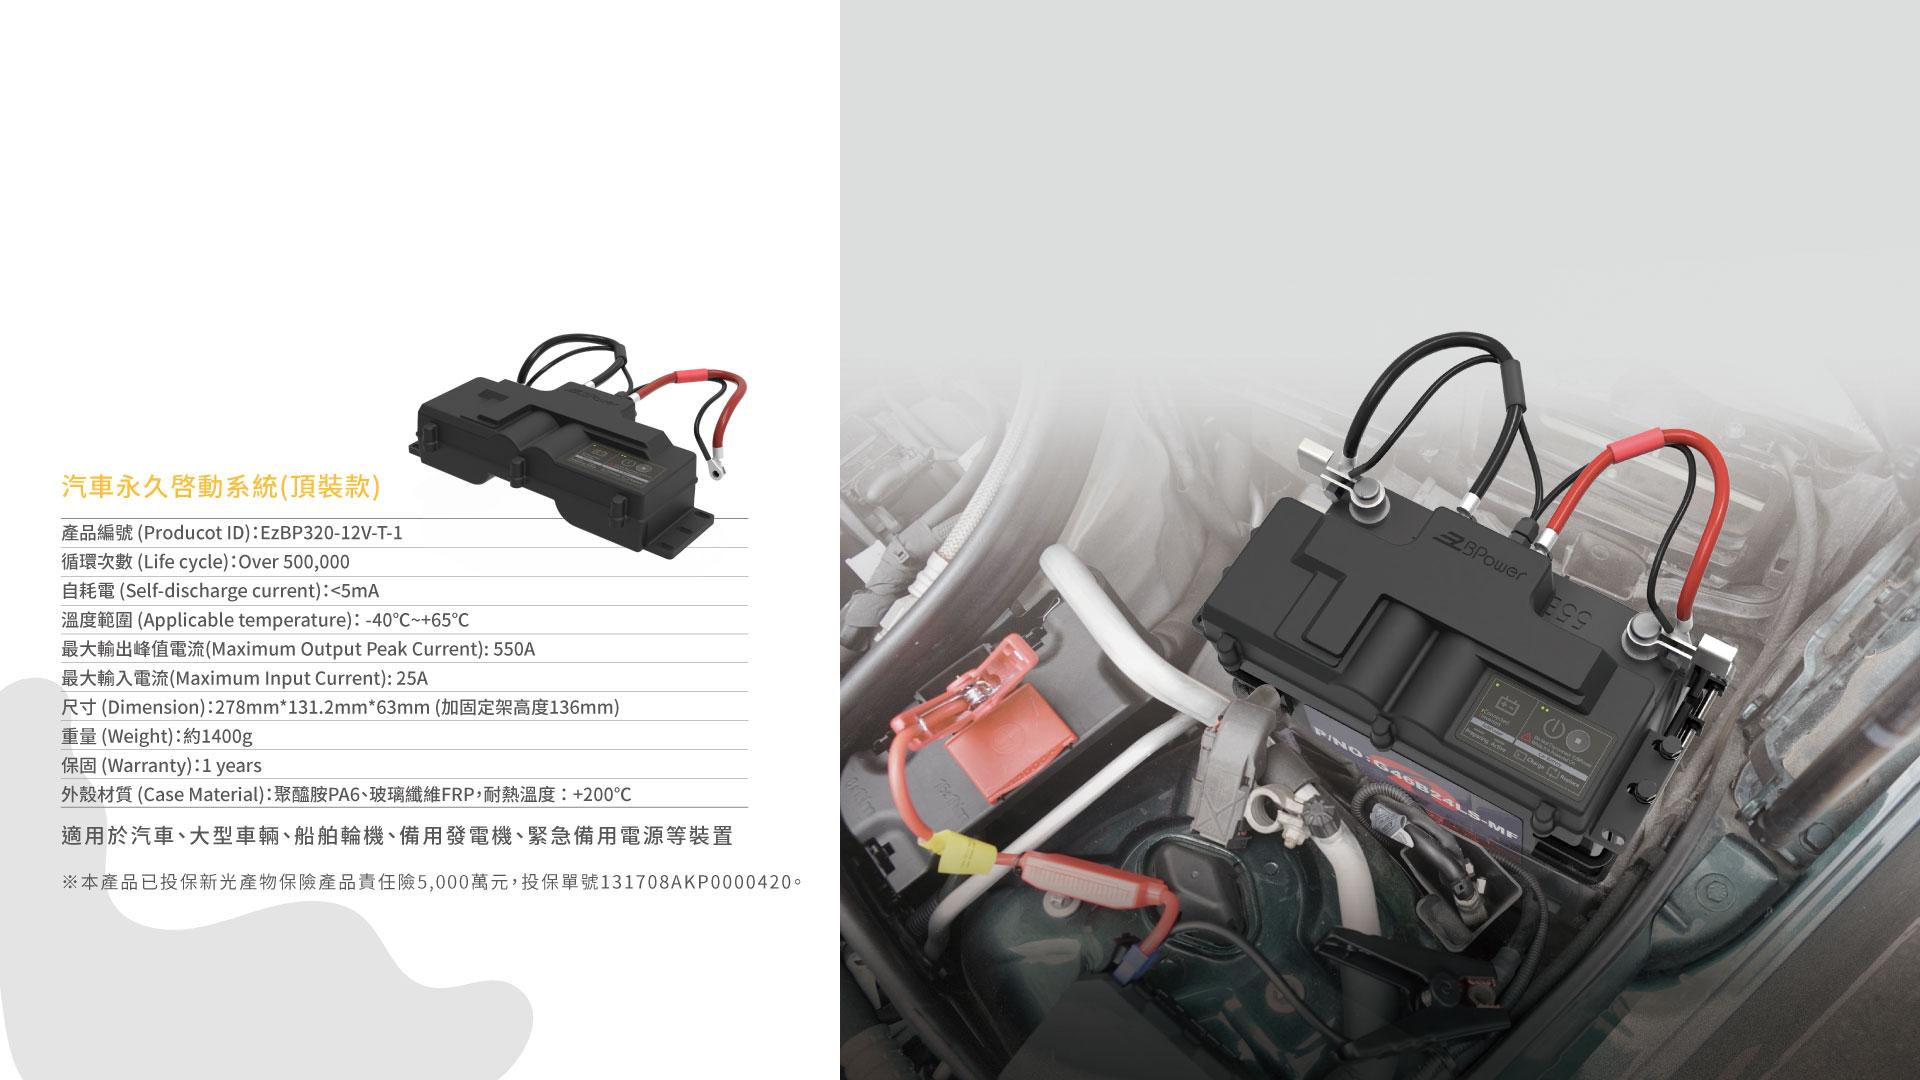 启动时可以提供瞬间大电流,减轻启动电池负荷,延长启动电池寿命。